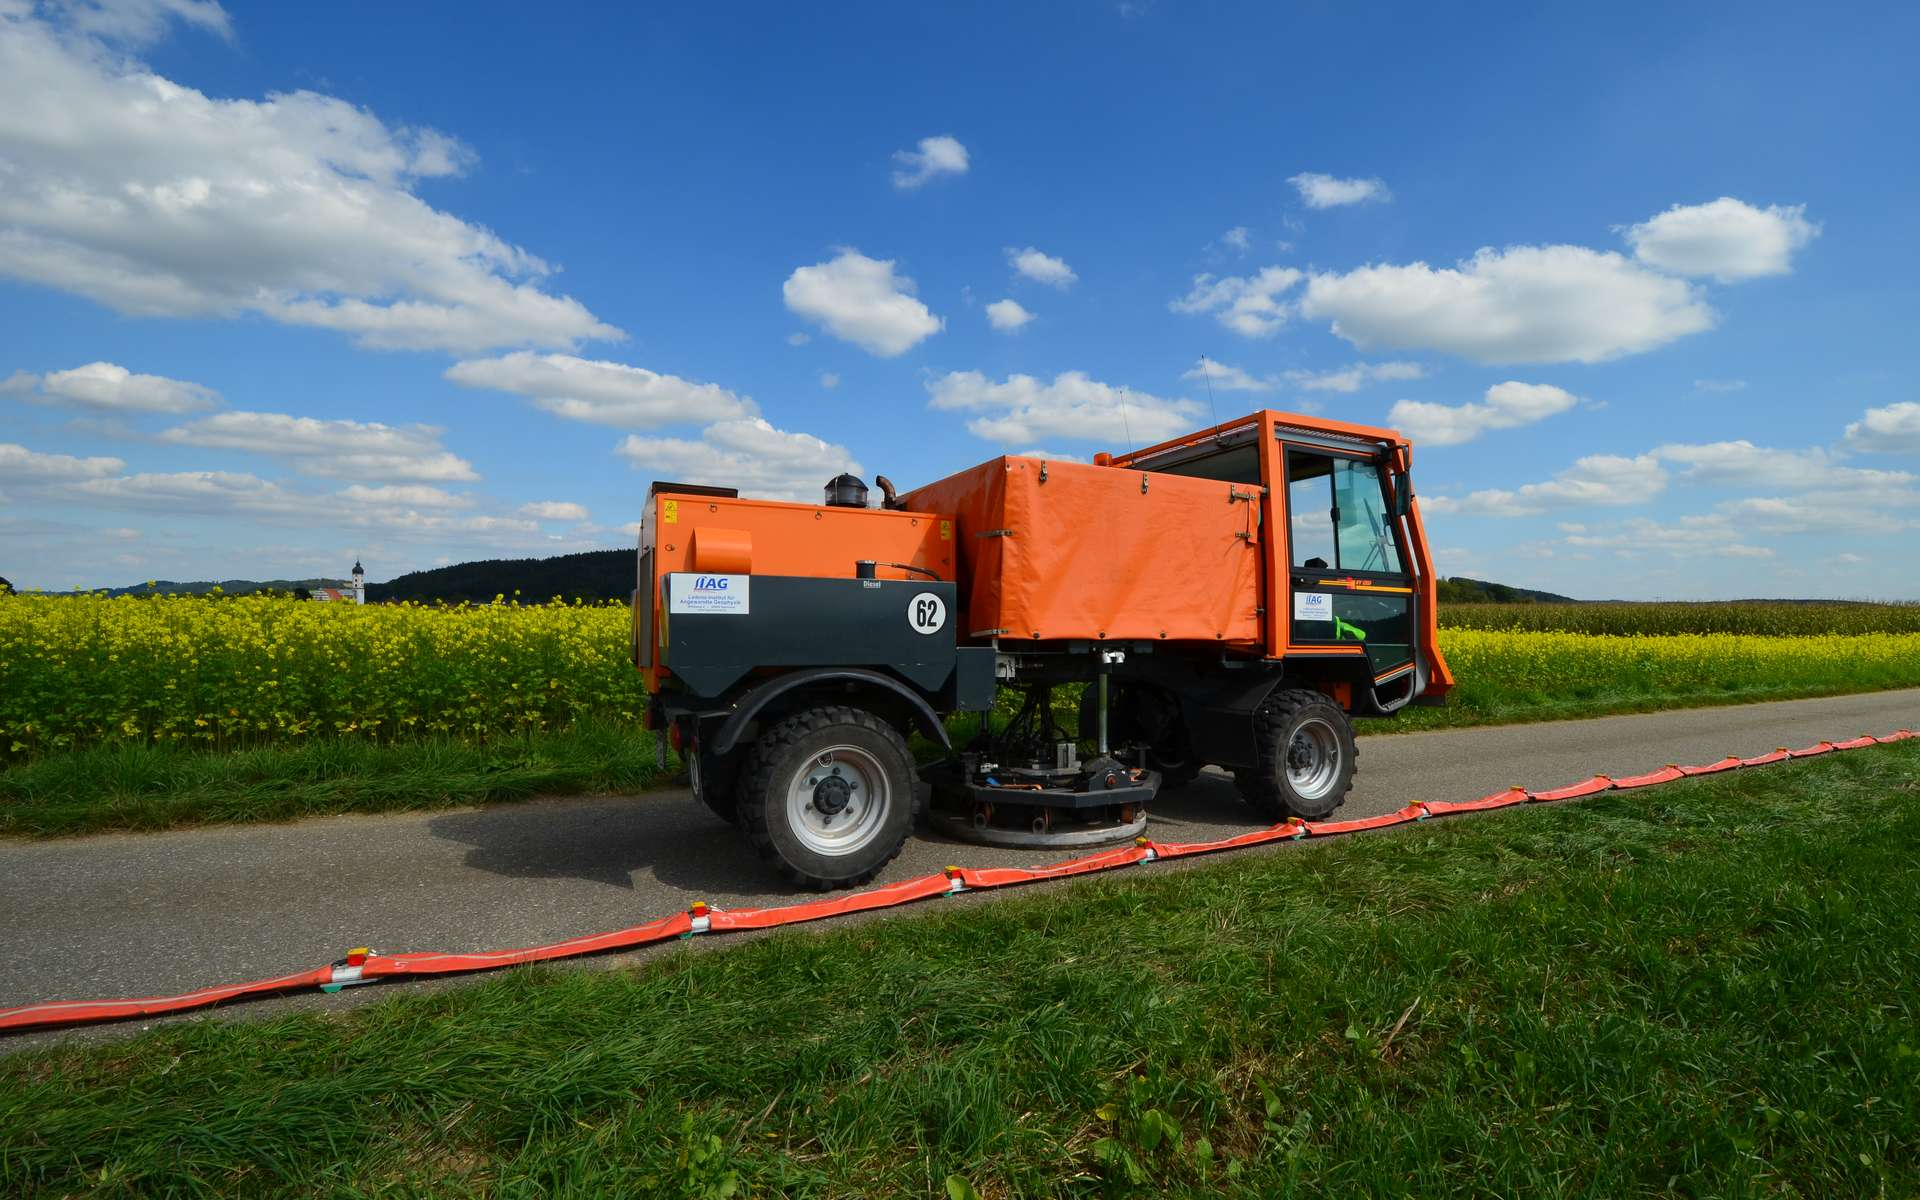 Camion vibrateur pour l'acquisition de données sismiques. © Thomas Burschil, imaggeo.egu.eu